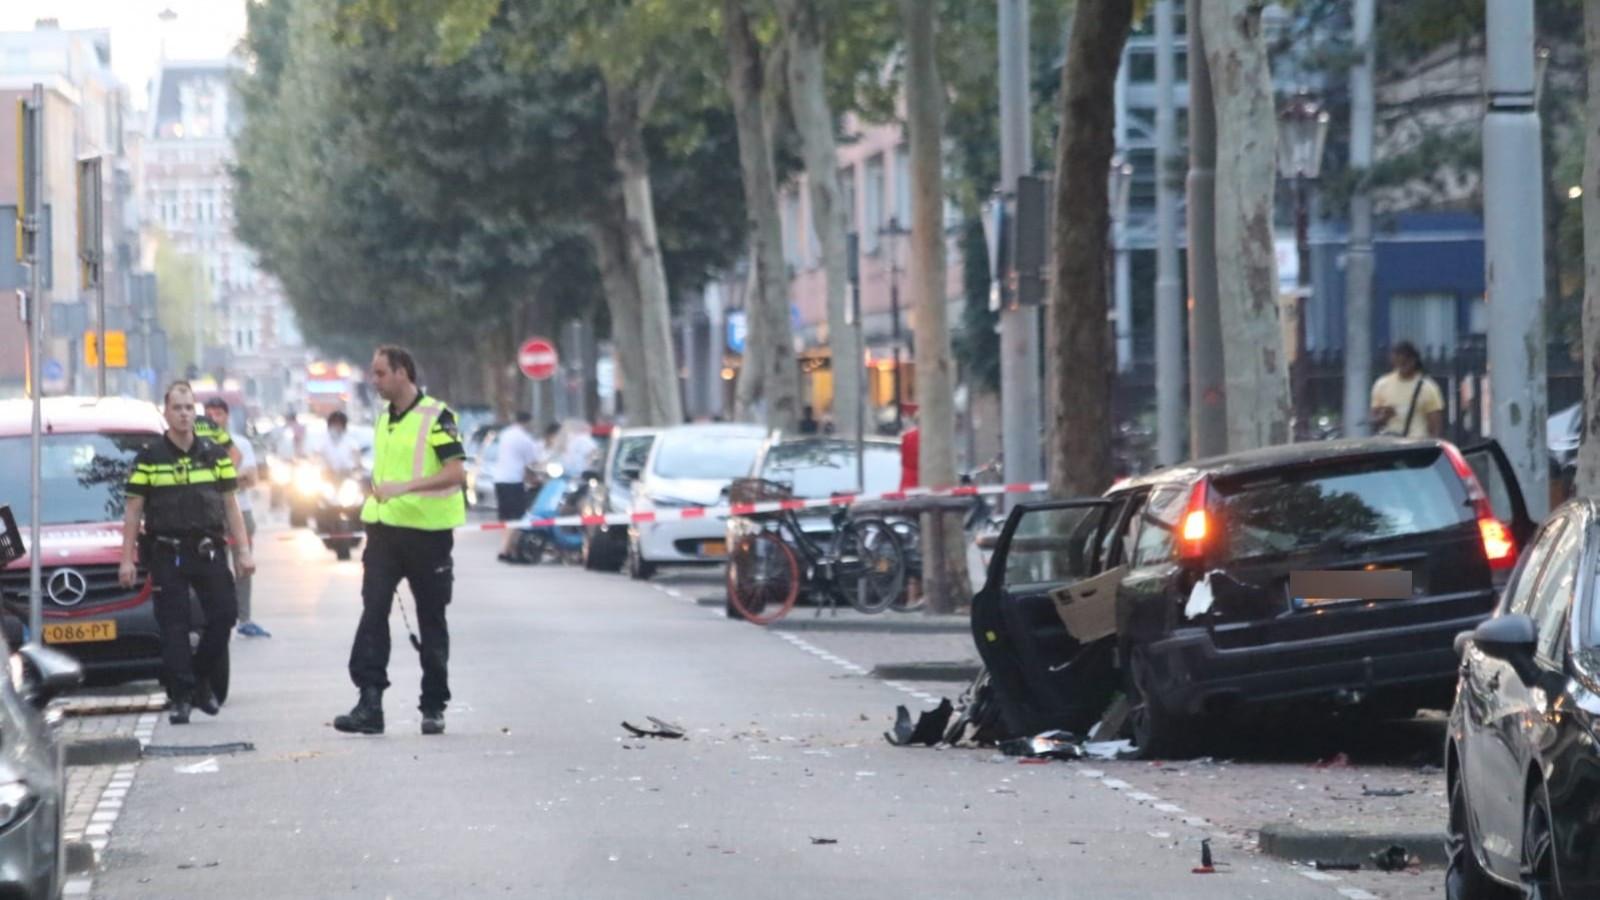 Bestuurder zegt niets meer te weten van dodelijk ongeval in Amsterdam.